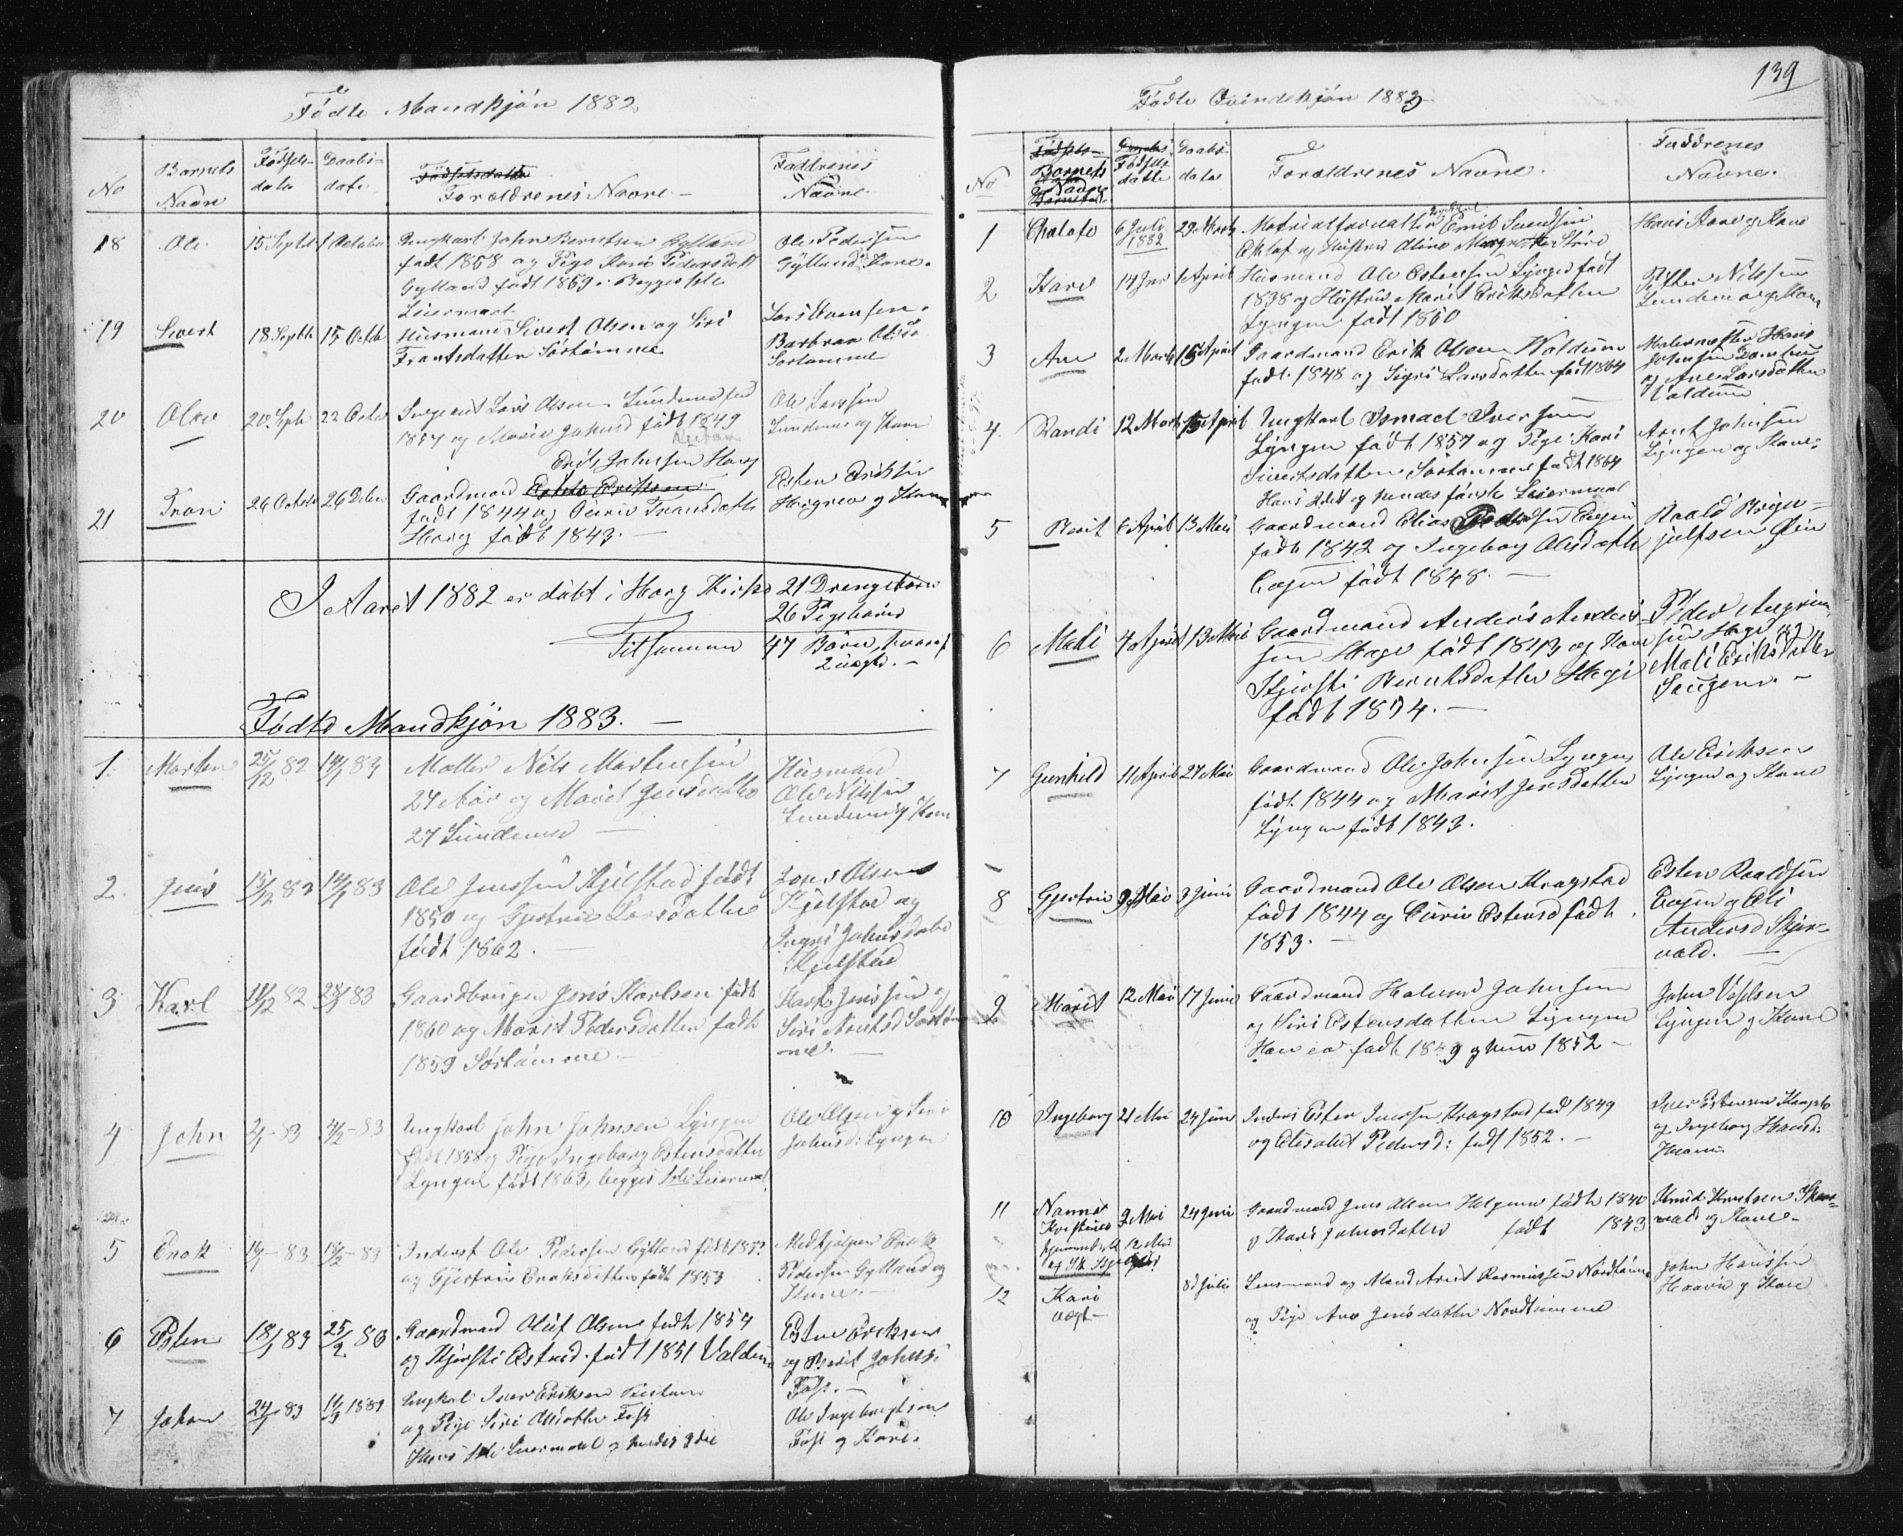 SAT, Ministerialprotokoller, klokkerbøker og fødselsregistre - Sør-Trøndelag, 692/L1110: Klokkerbok nr. 692C05, 1849-1889, s. 139